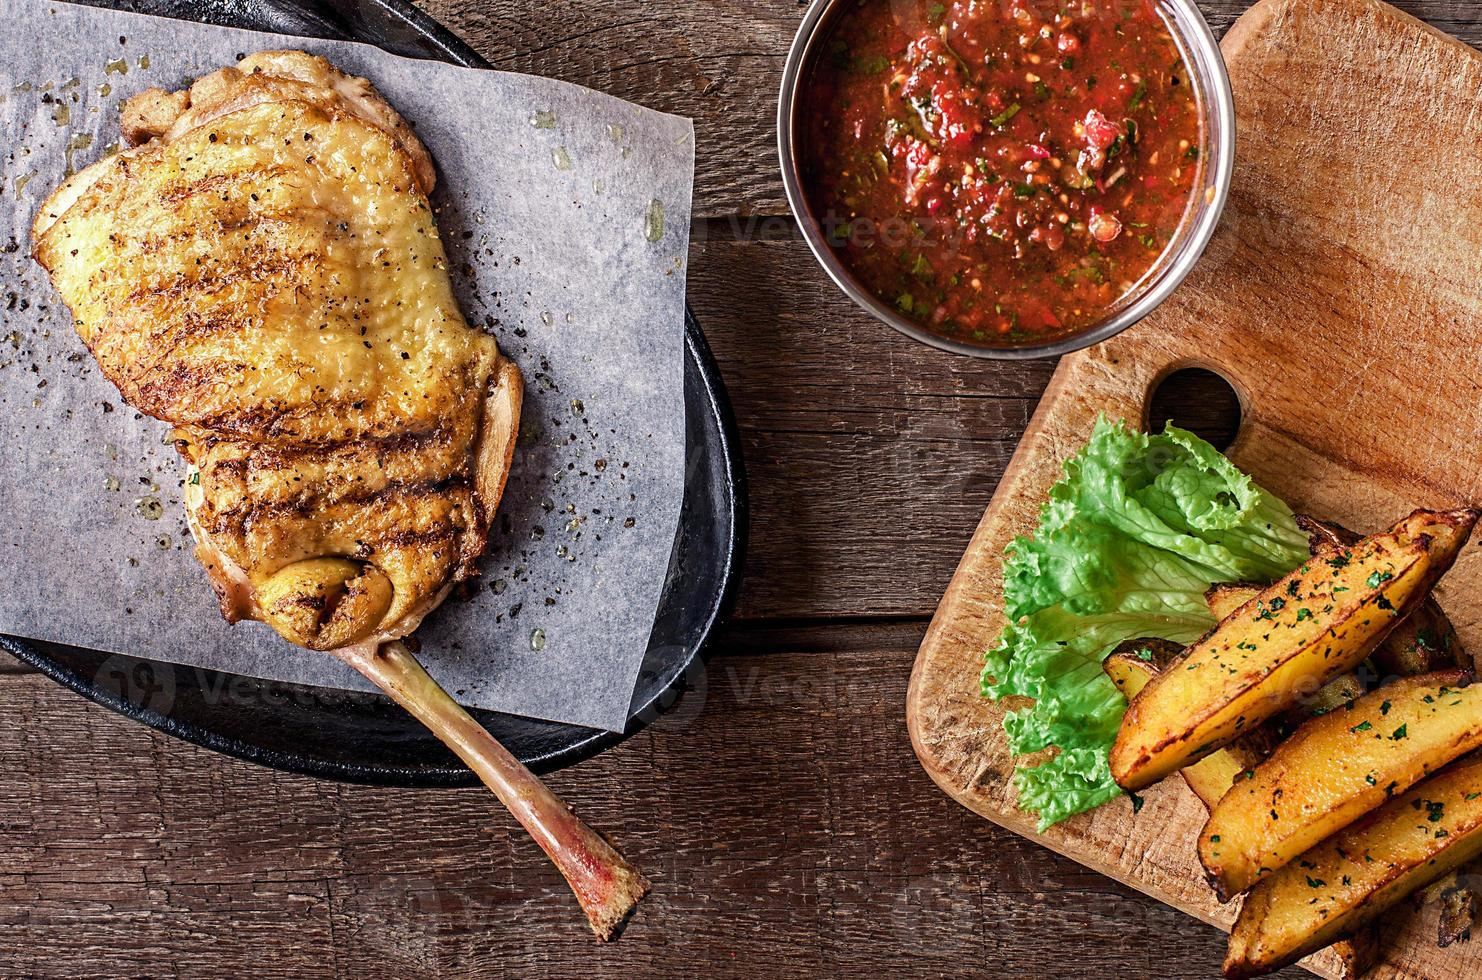 viande de poulet frite sur l'os, quartiers de pommes de terre, laitue photo